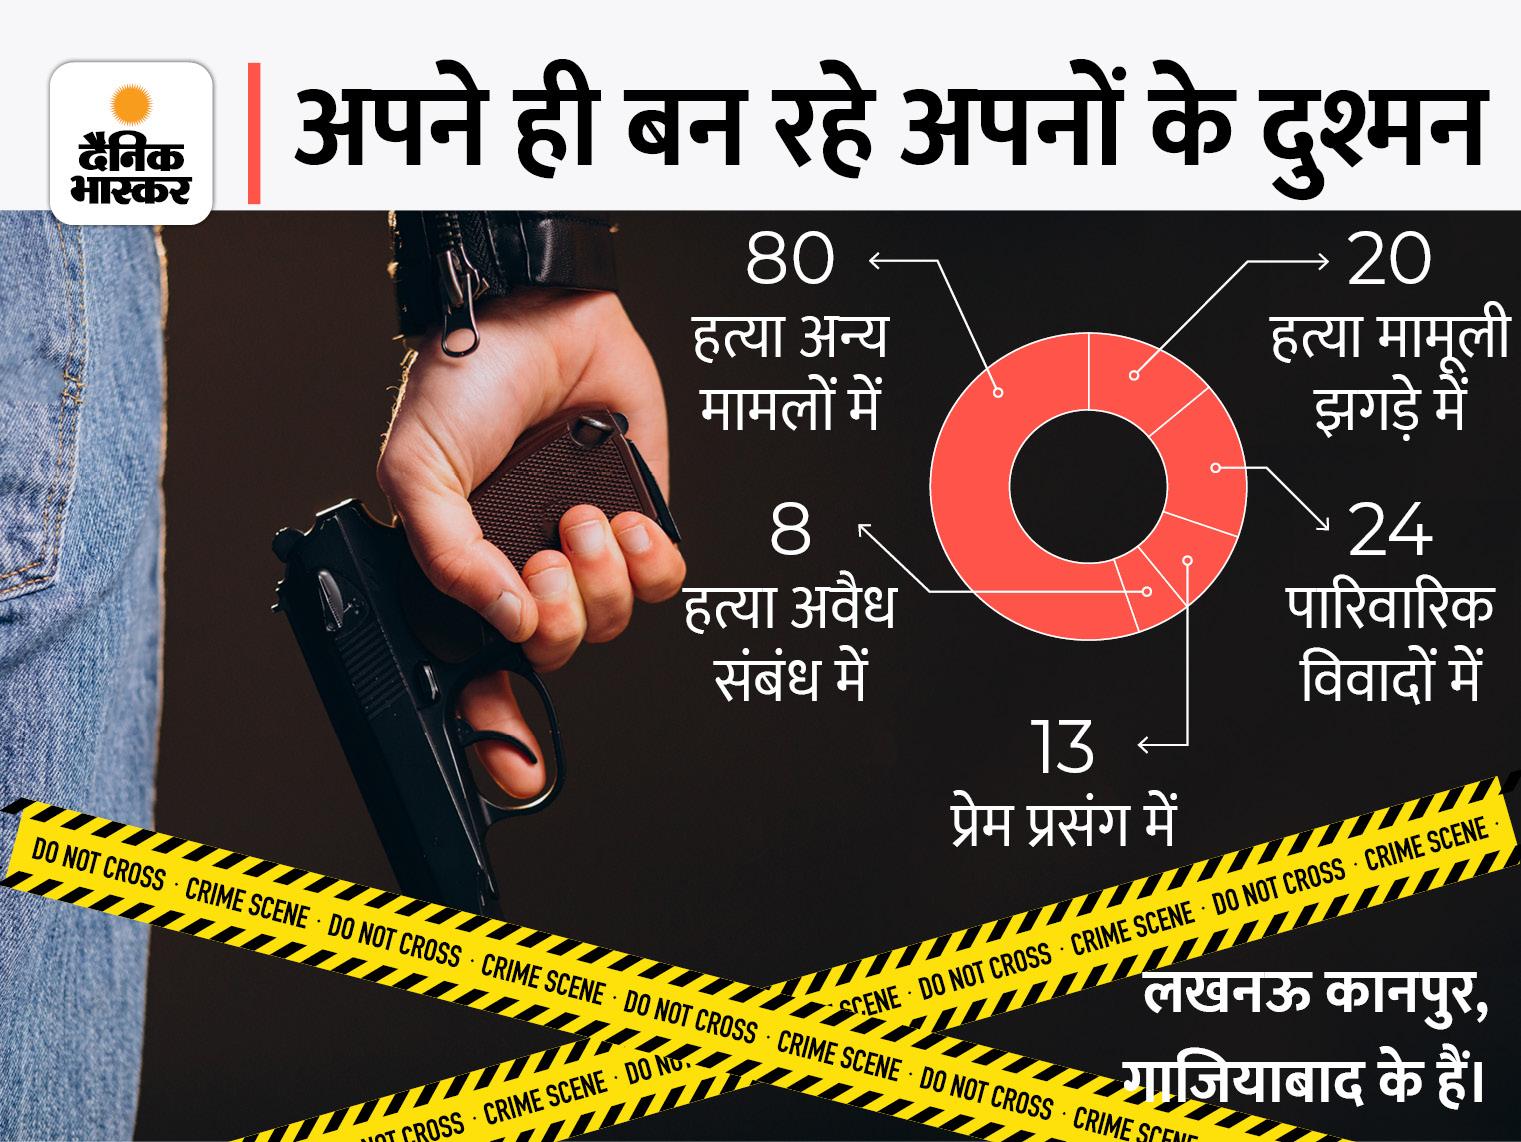 2020 में देश के19 शहरों में 1849 मर्डर, बदले में हुए 396 कत्ल; लखनऊ में 81, कानपुर में 41 और गाजियाबाद में 23 हत्या हुईं|गाजियाबाद,Ghaziabad - Dainik Bhaskar